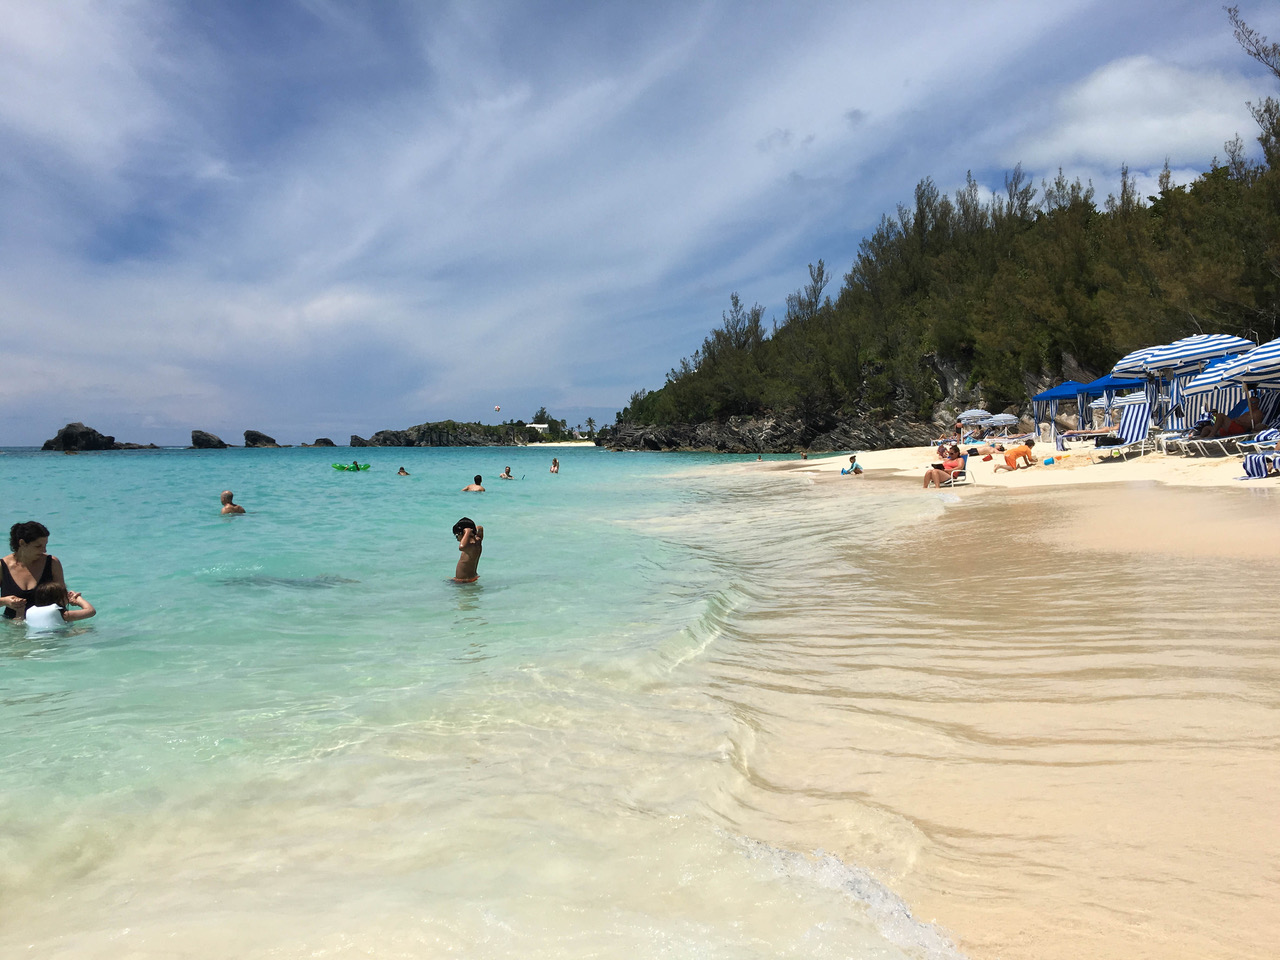 Fairmont Southhampton Bermuda